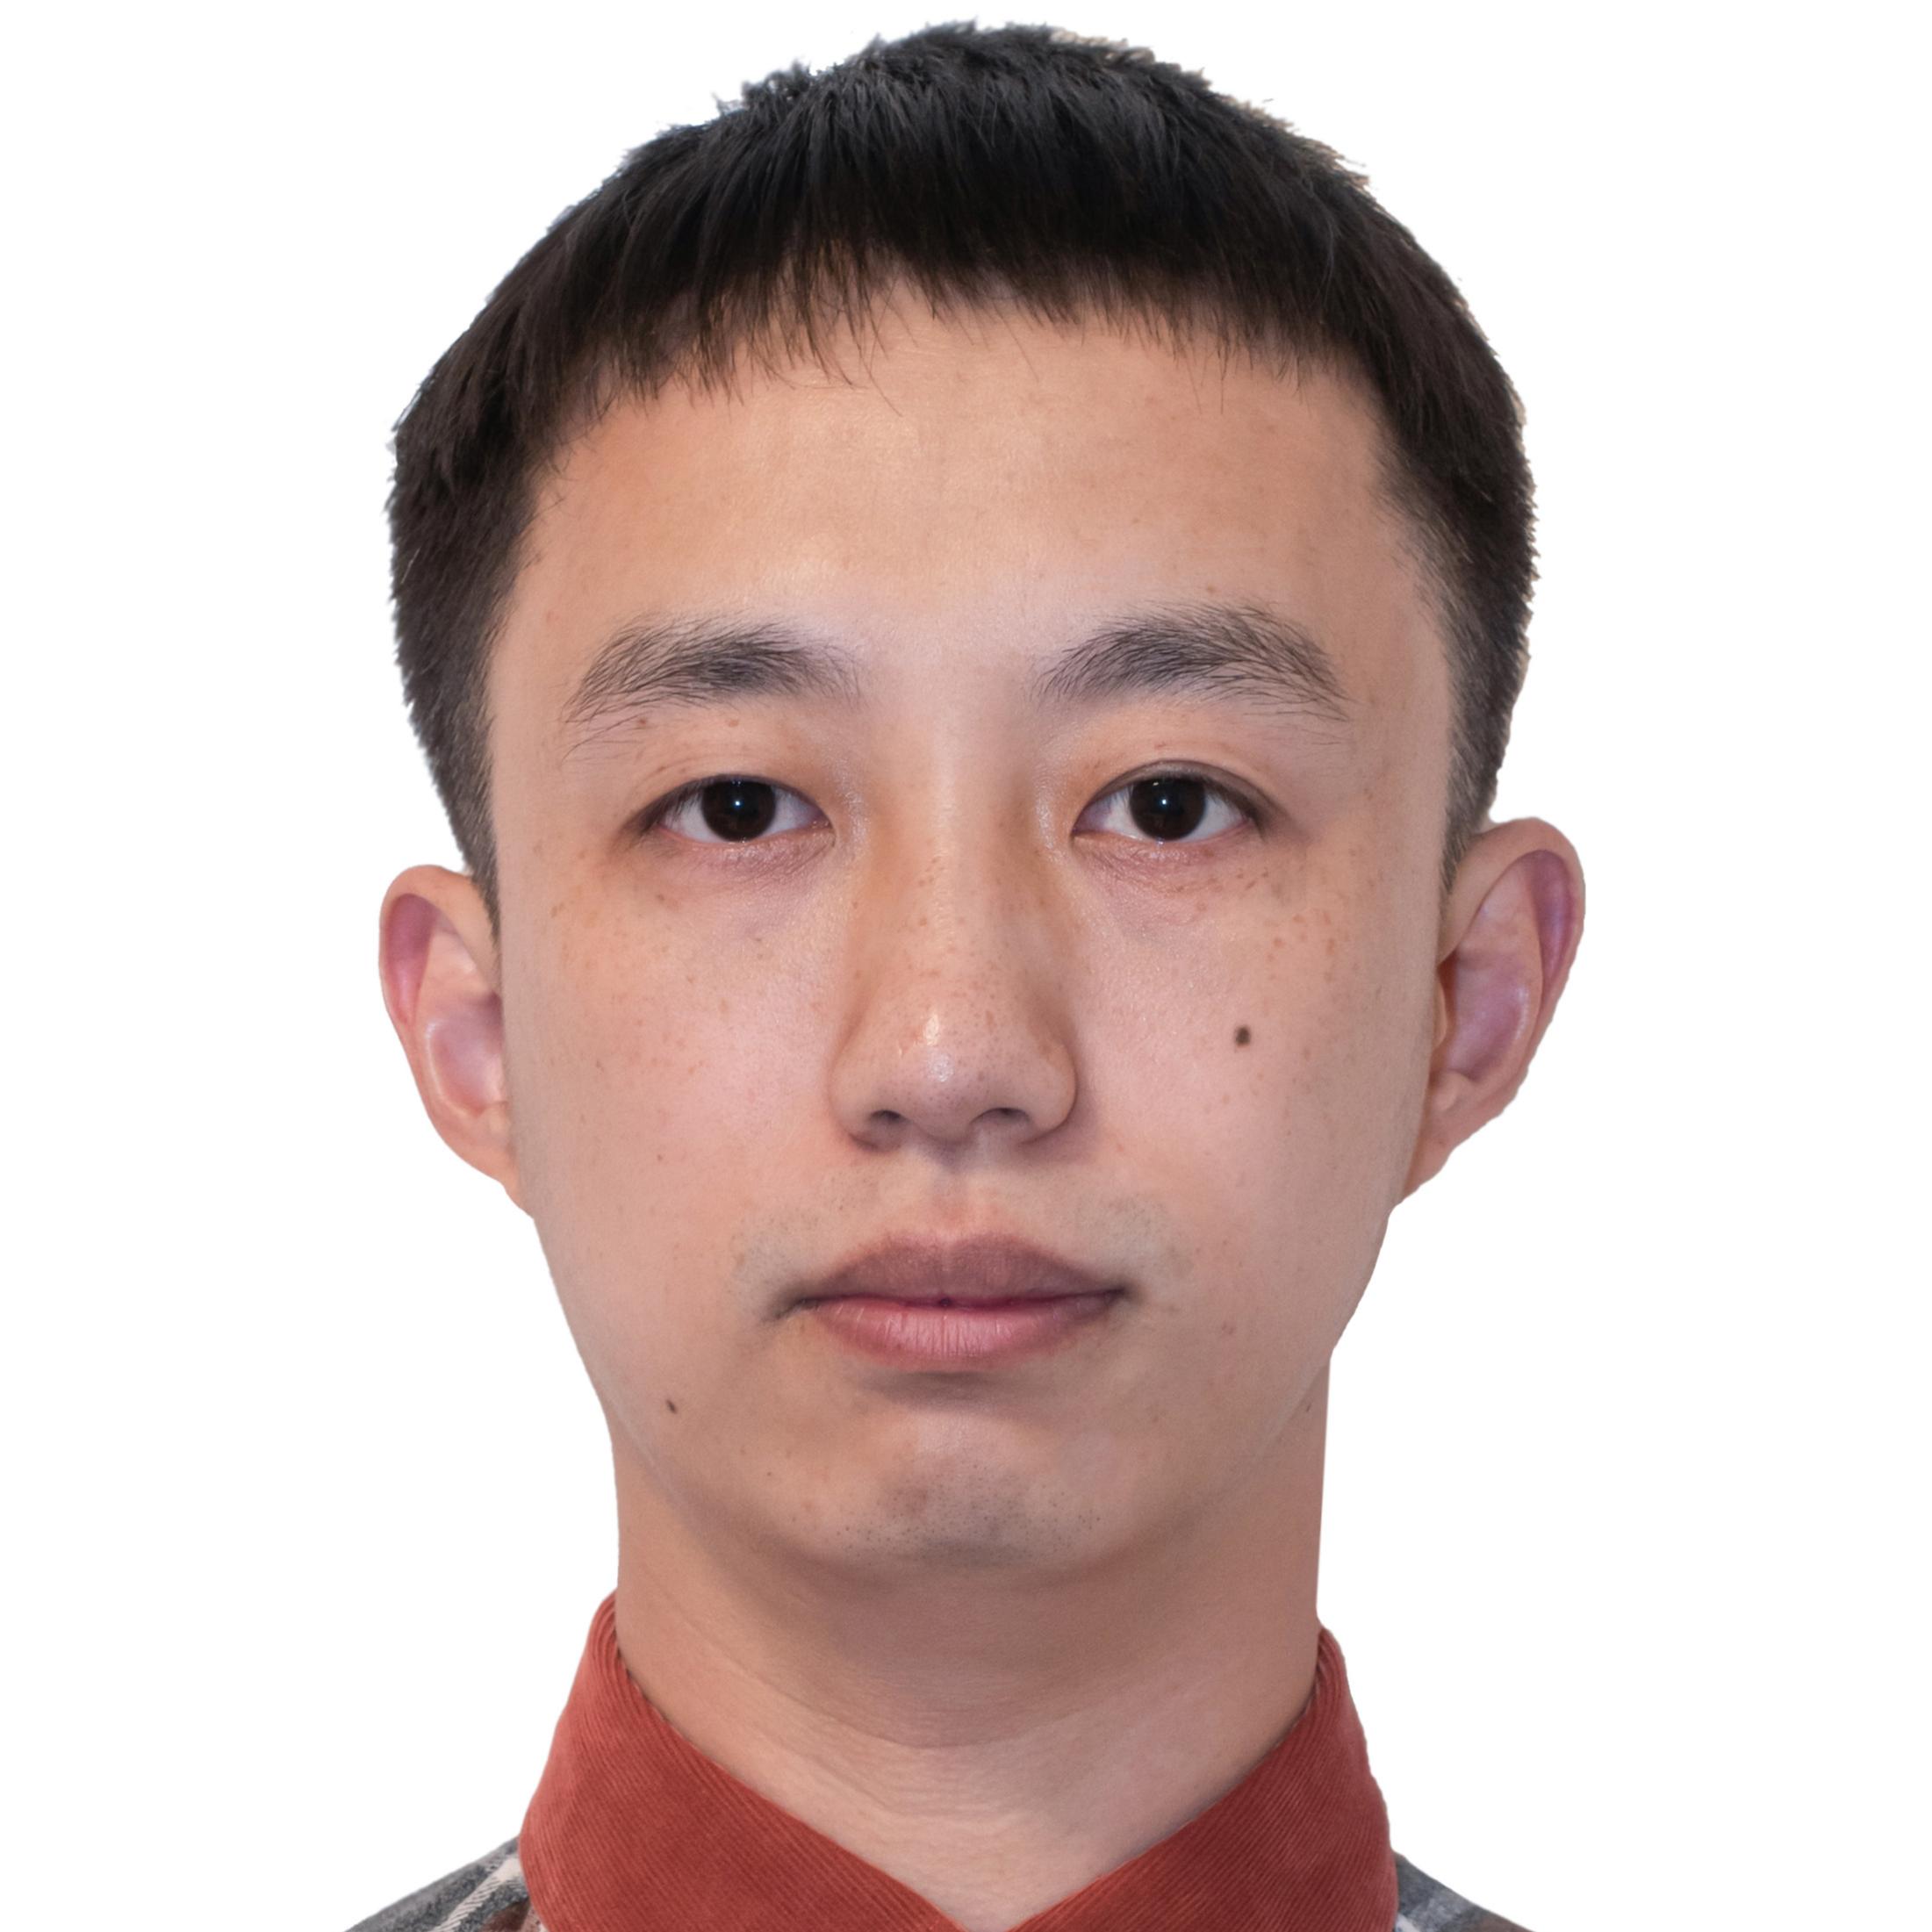 潘可亮-会员头像-www.bzwz.com伟业计量